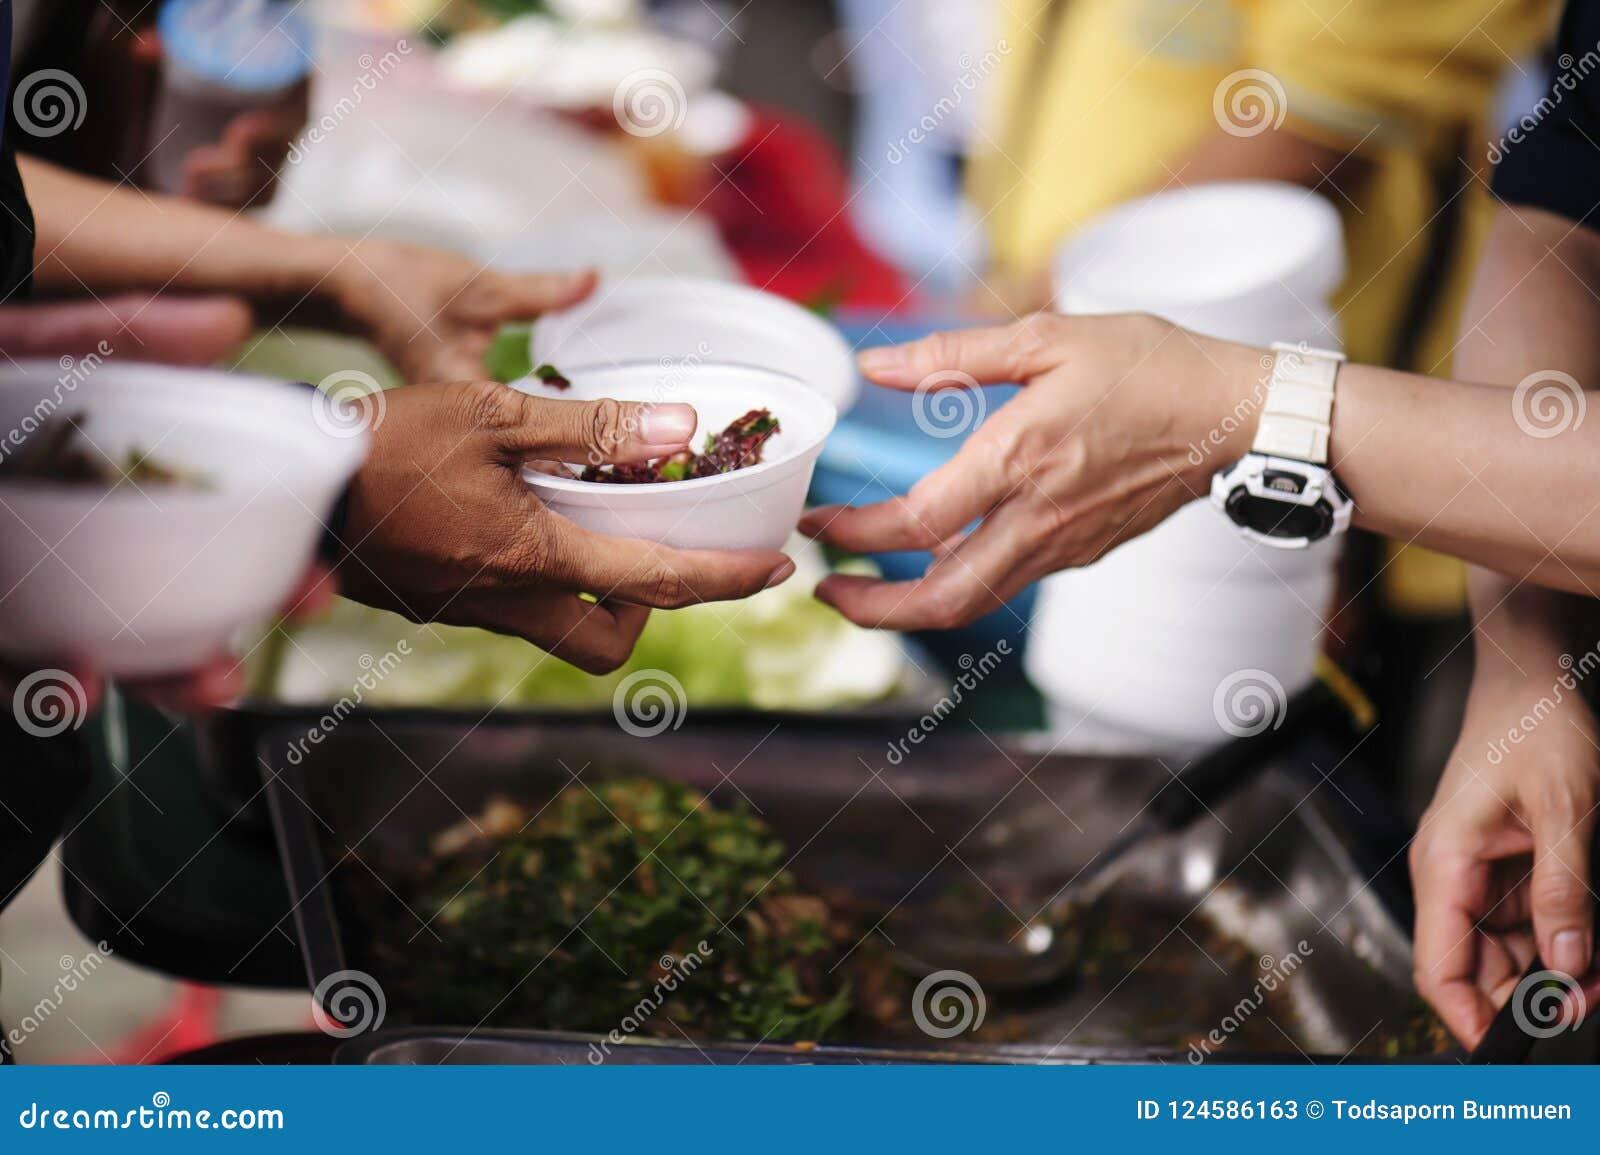 Voedselschenking om honger te verlichten Het concept armoede